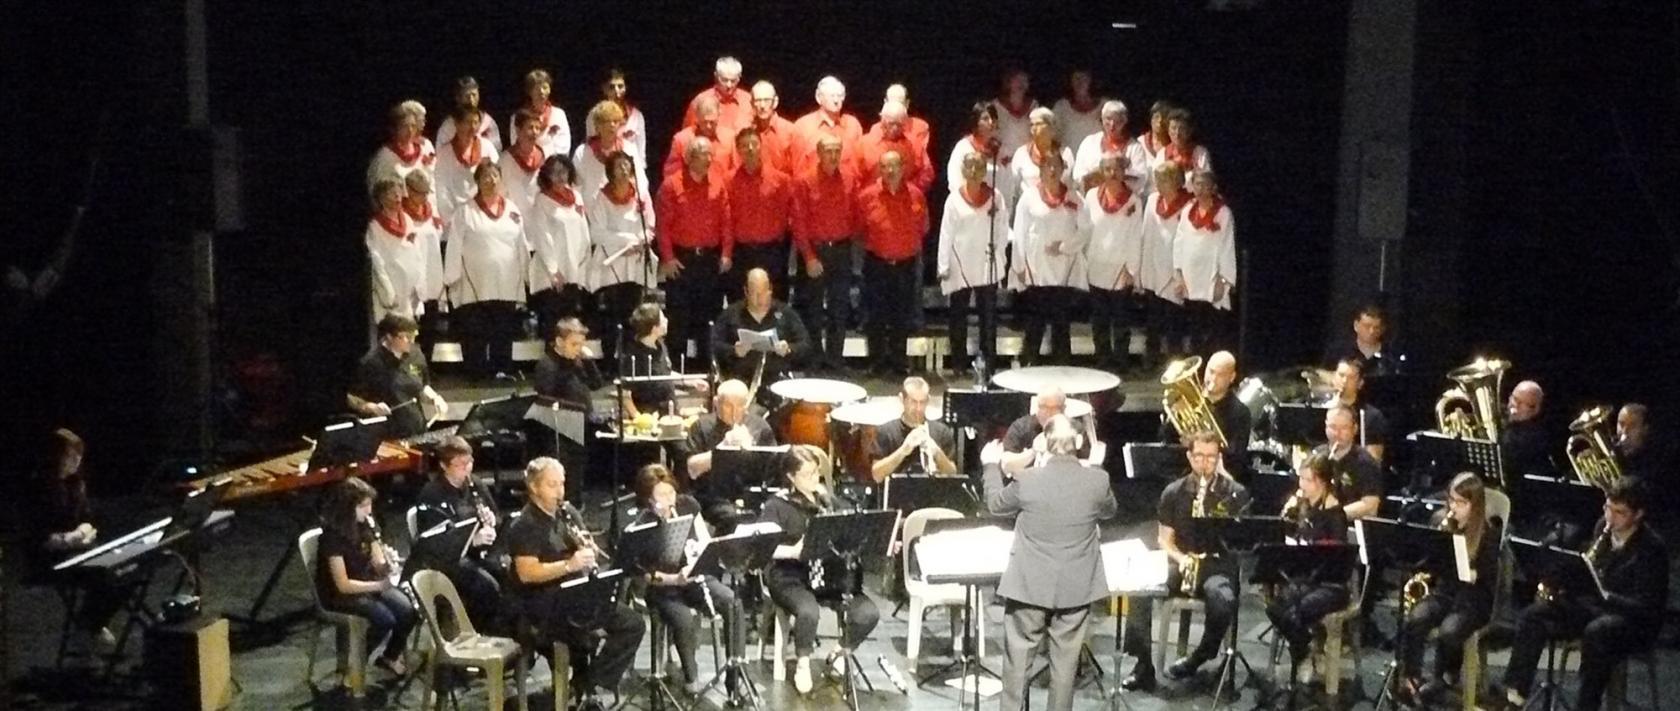 Chorale Chauds les cœurs et l'Orchestre d'harmonie de Yzernay Le May-sur-Èvre